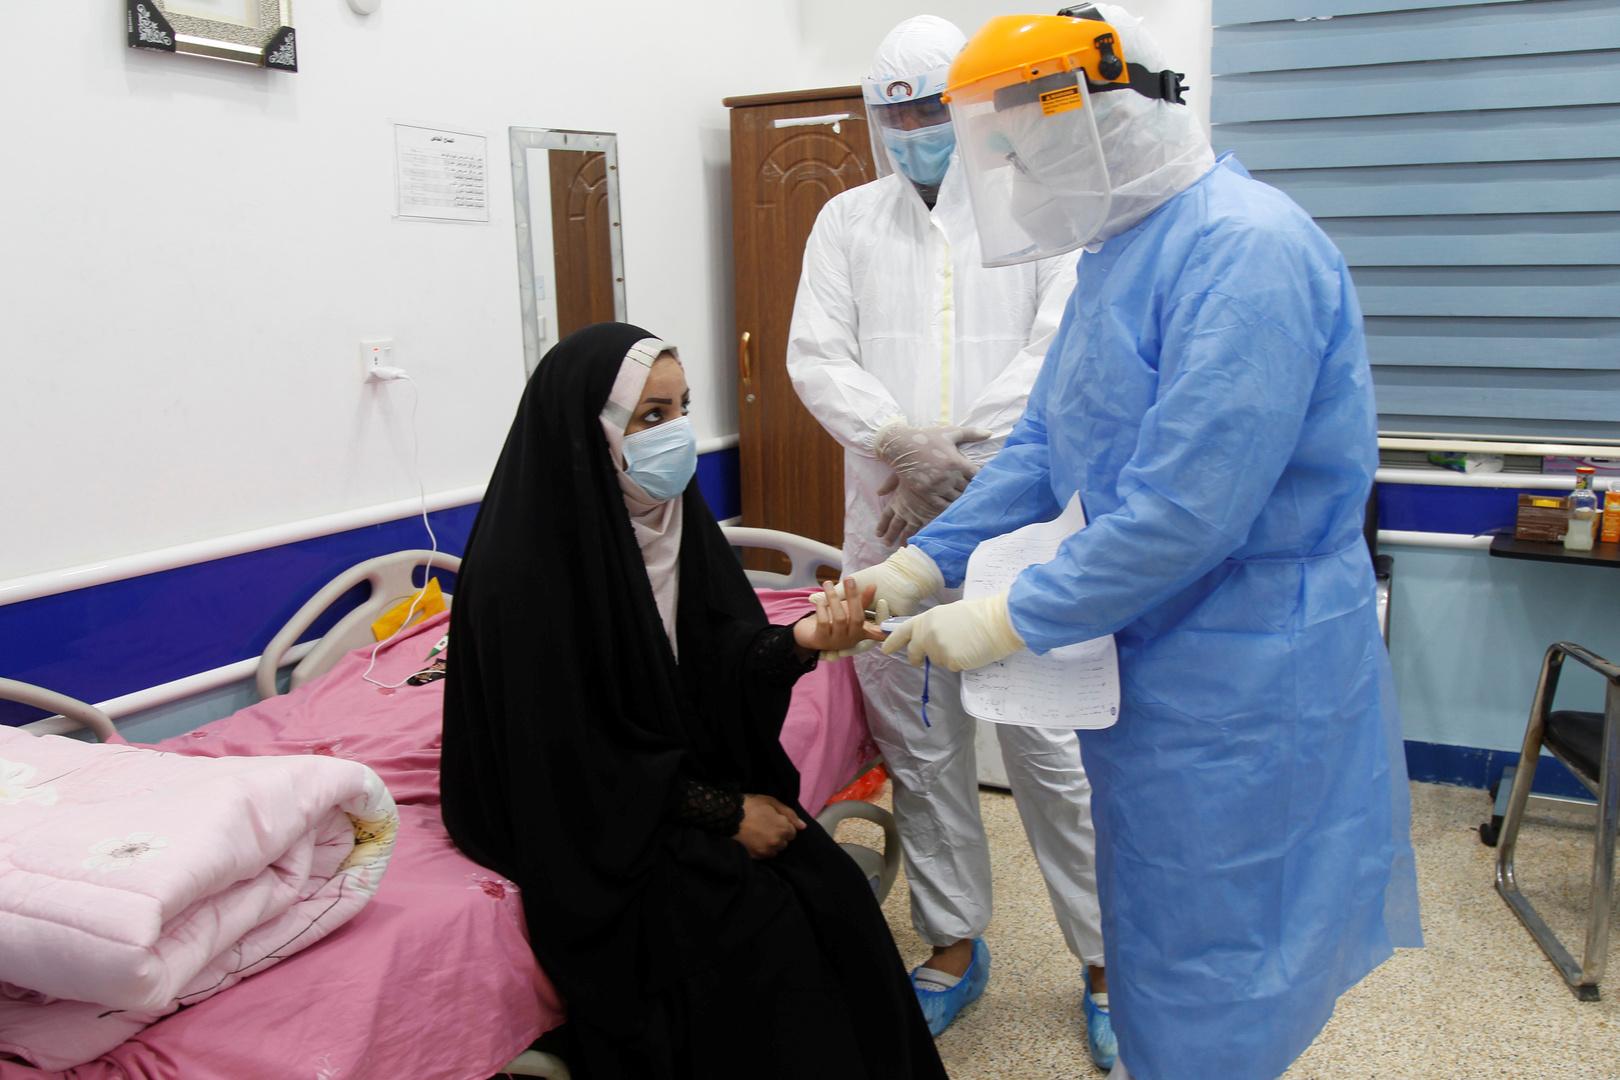 عراقية تتلقى العلاج في مستشفى في النجف